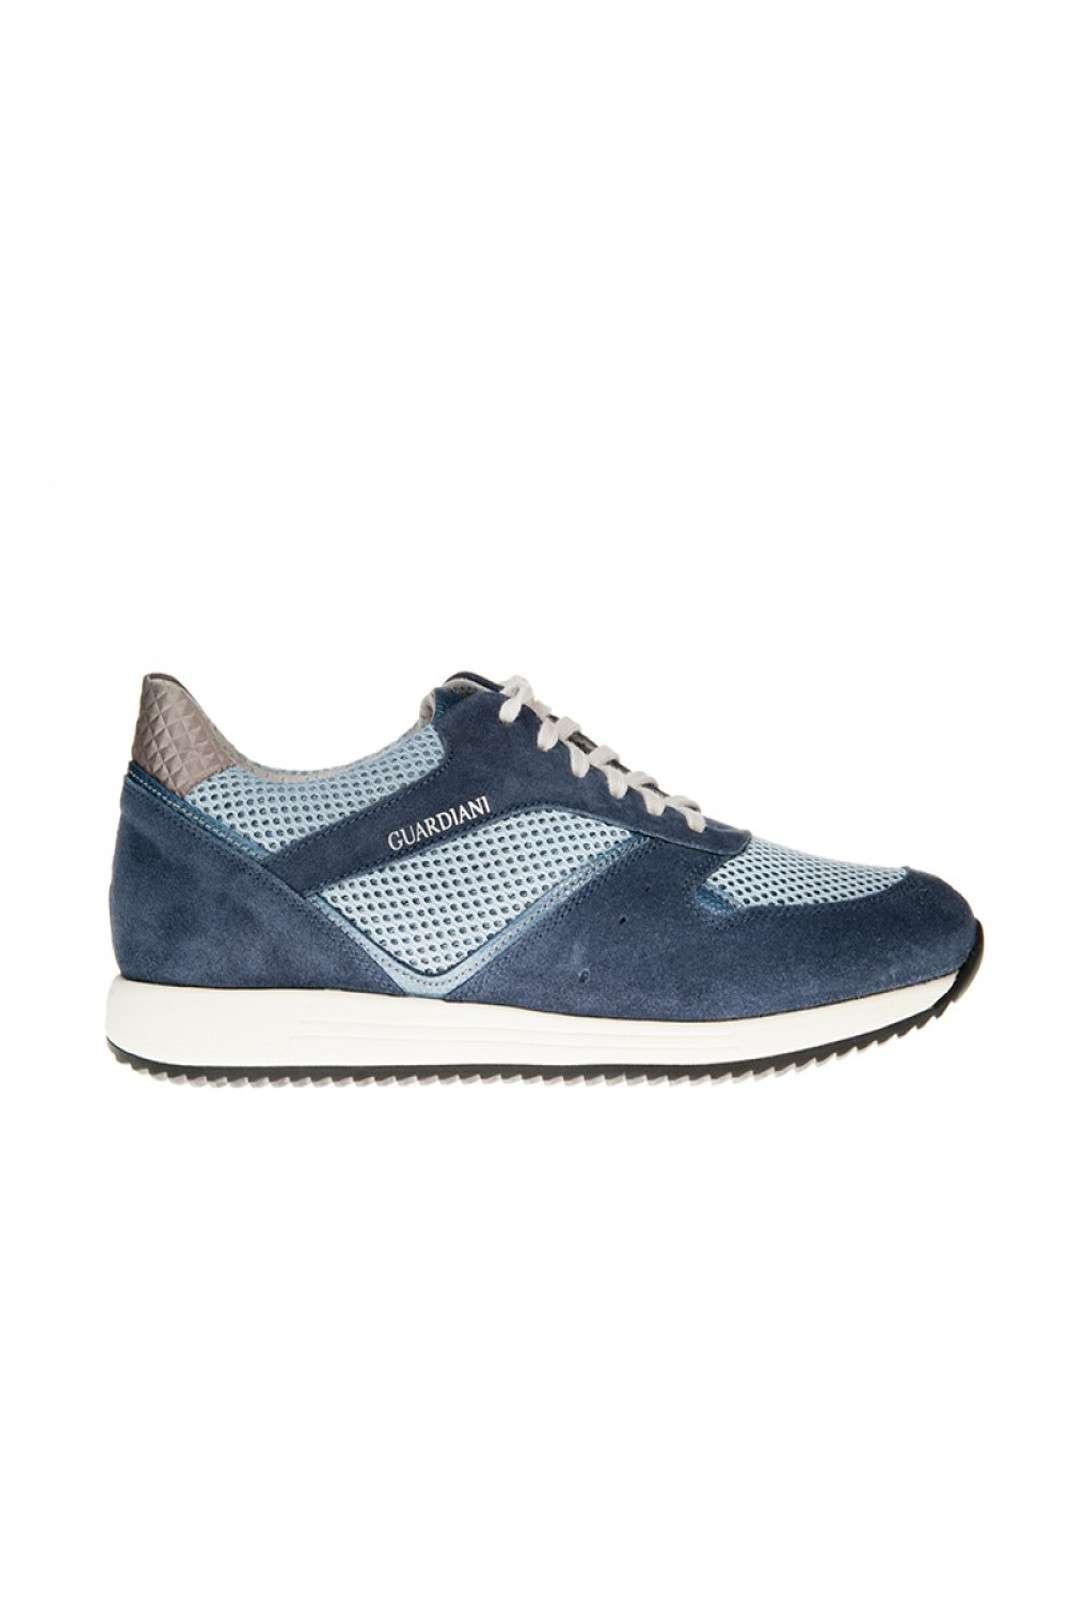 Una sneaker esclusiva la SPORT FRESNO firmate Alberto Guardiani.  Perfette per outfit casual e curati, da sfoggiare al lavoro, ma anche per le occasioni più trendy con gli amici.